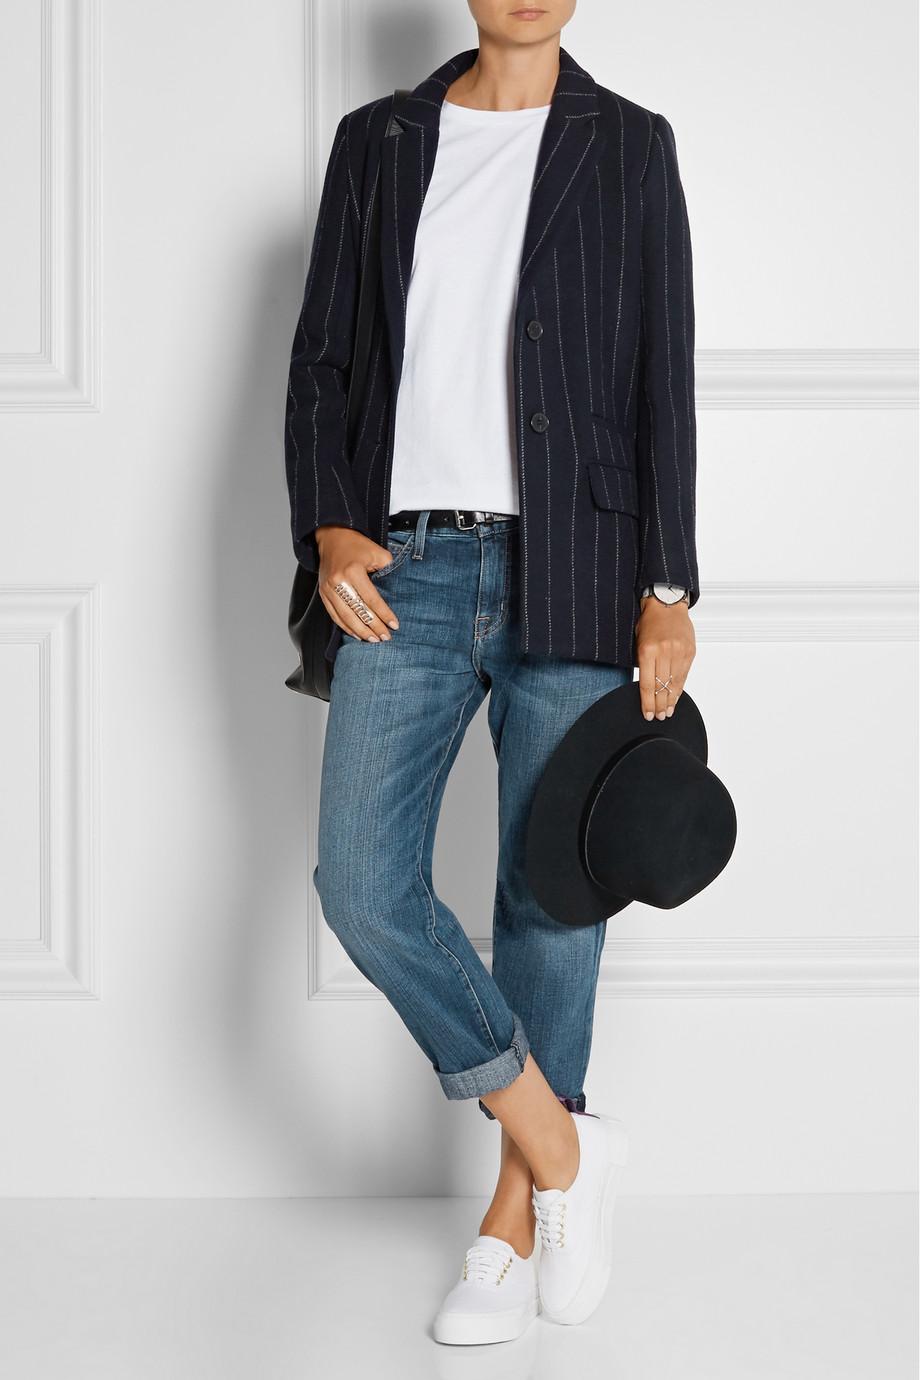 maje blazer with stripes